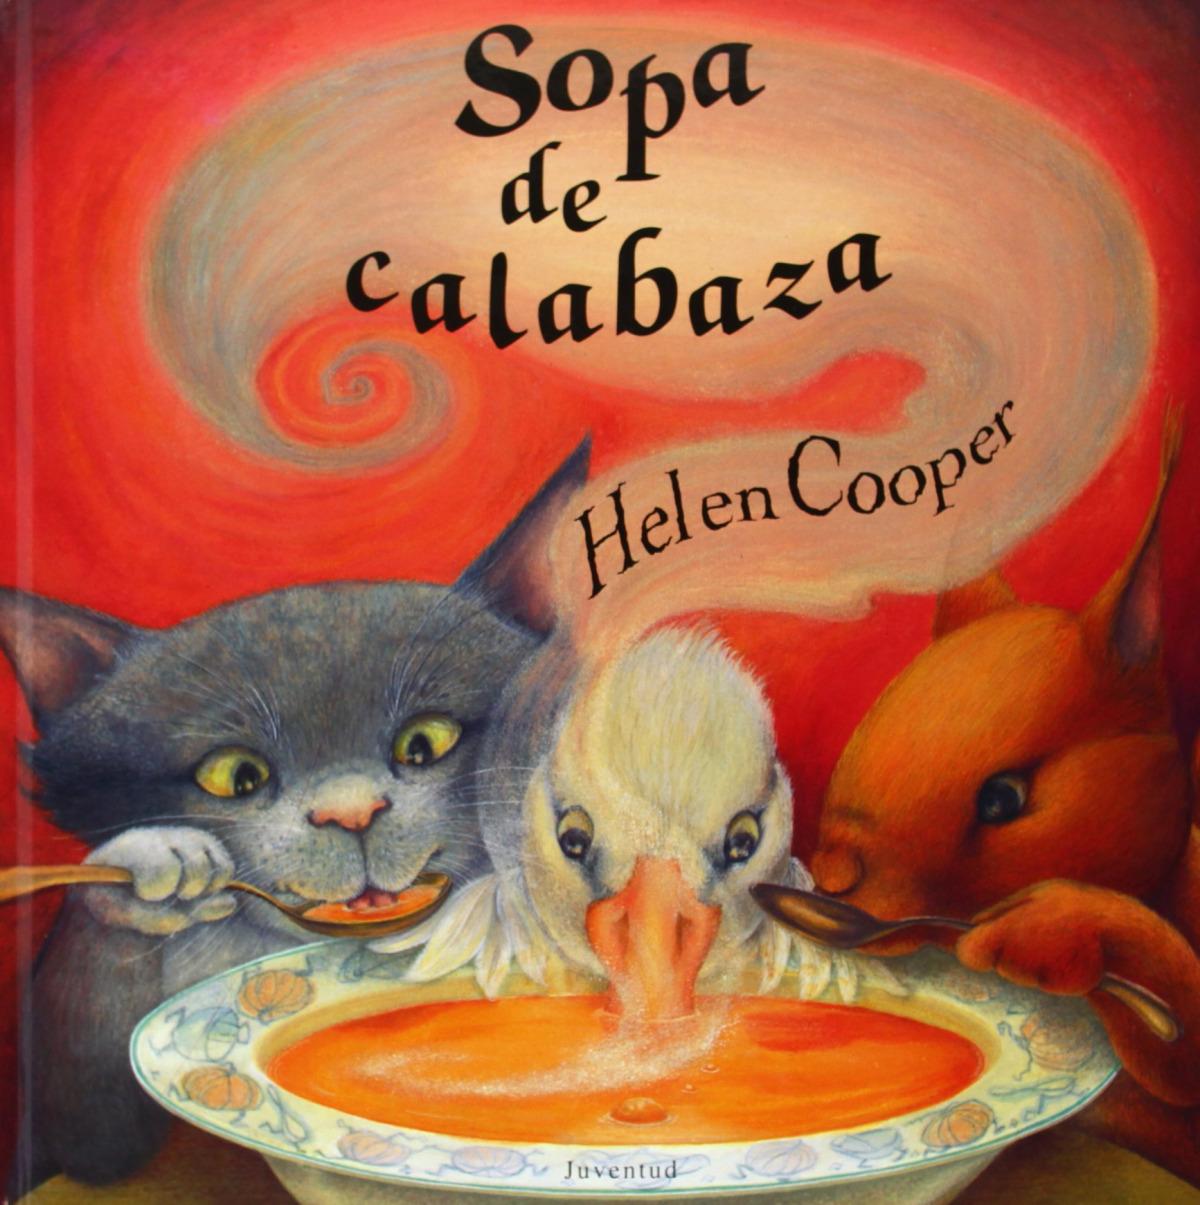 Sopa de calabaza 9788426130952